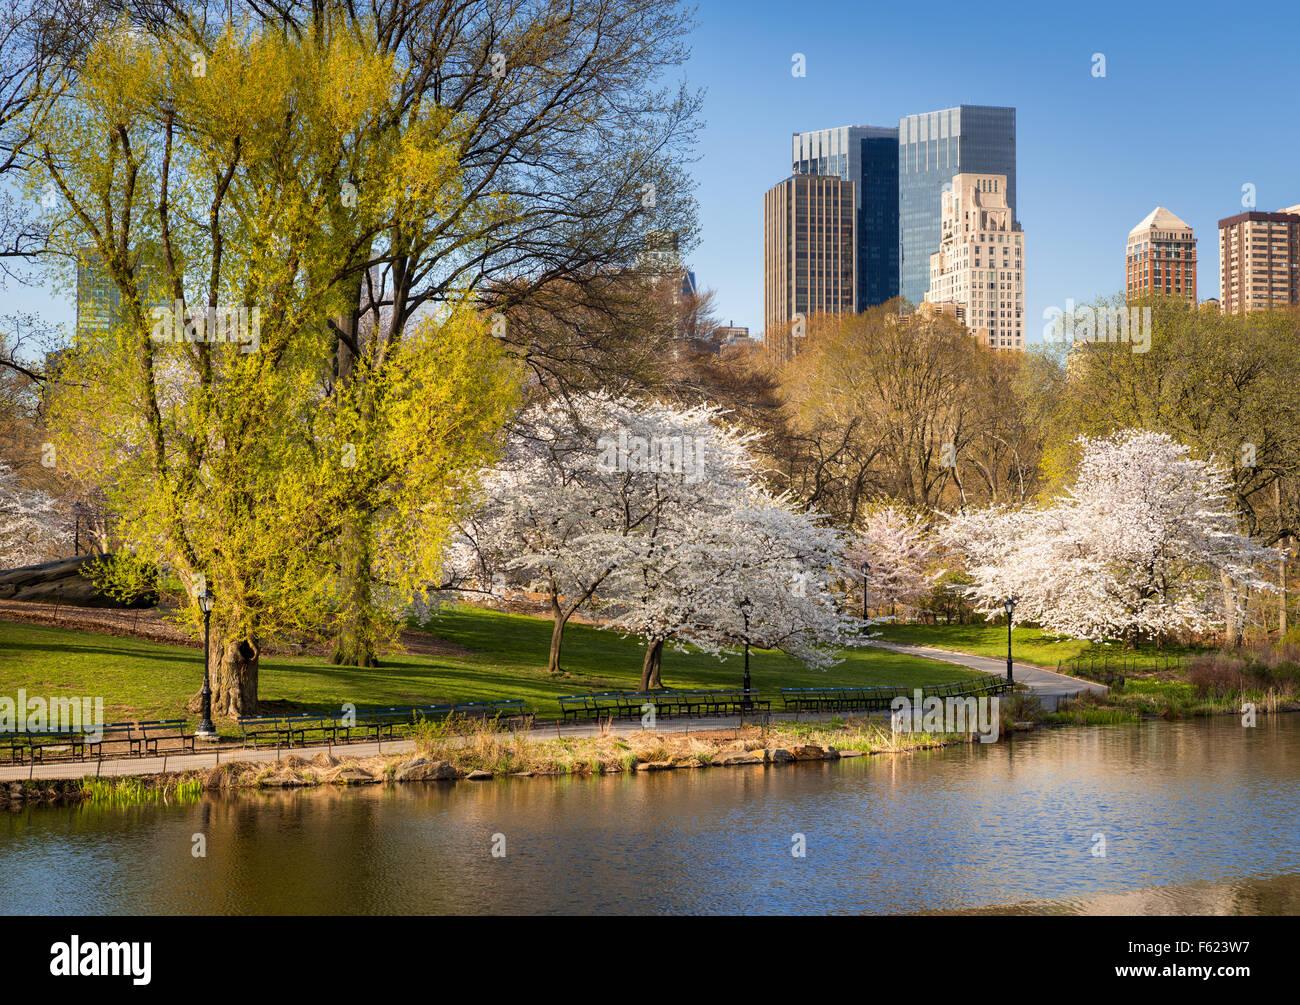 Central Park au printemps, la Floraison des Cerisiers Yoshino, Upper West Side de Manhattan, New York City Banque D'Images